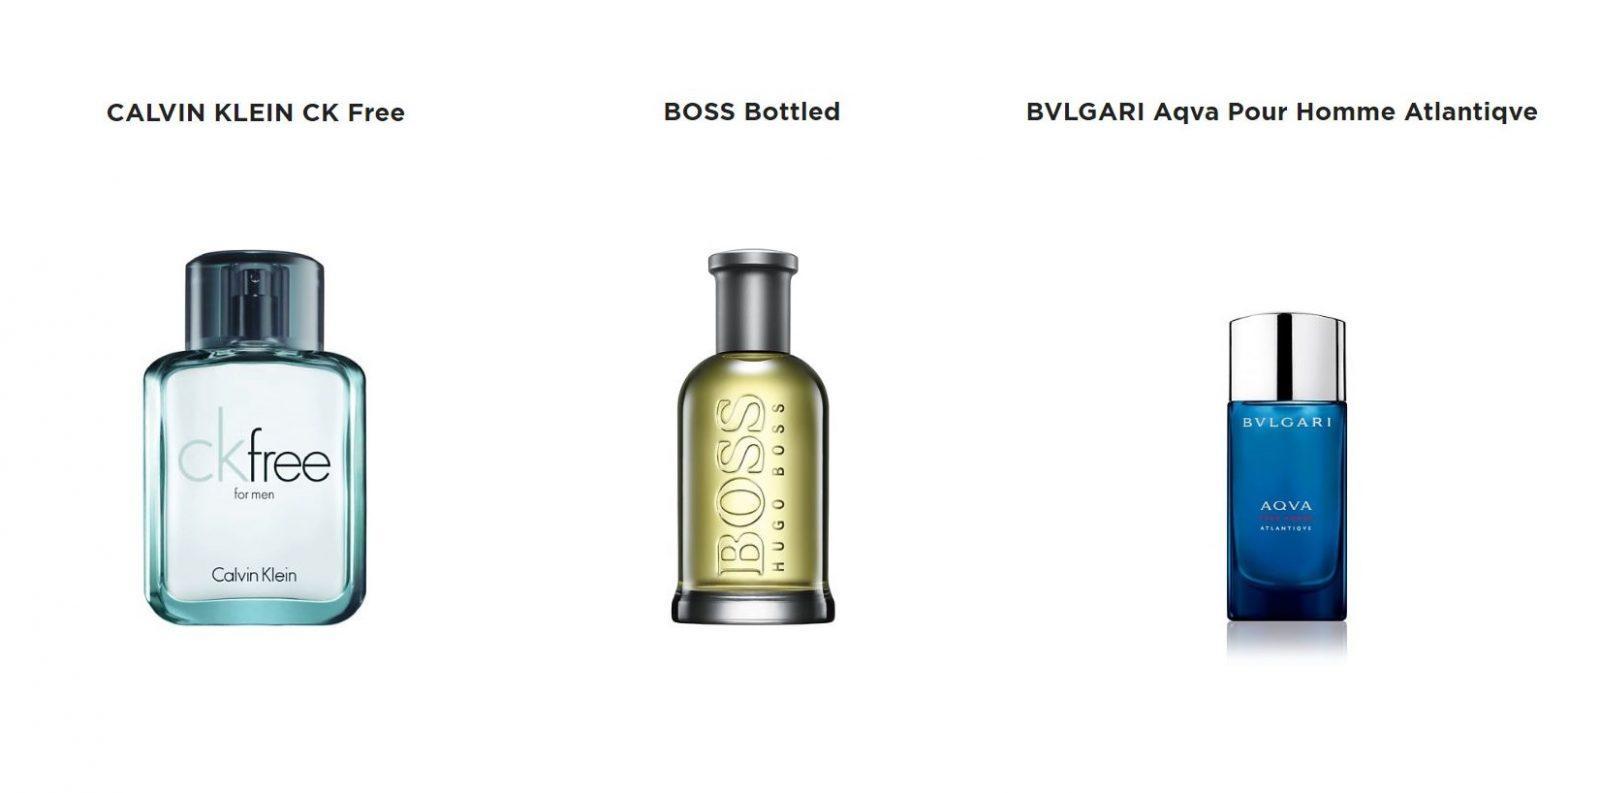 Небольшая подборка мужской парфюмерии из магазина Л'Этуаль